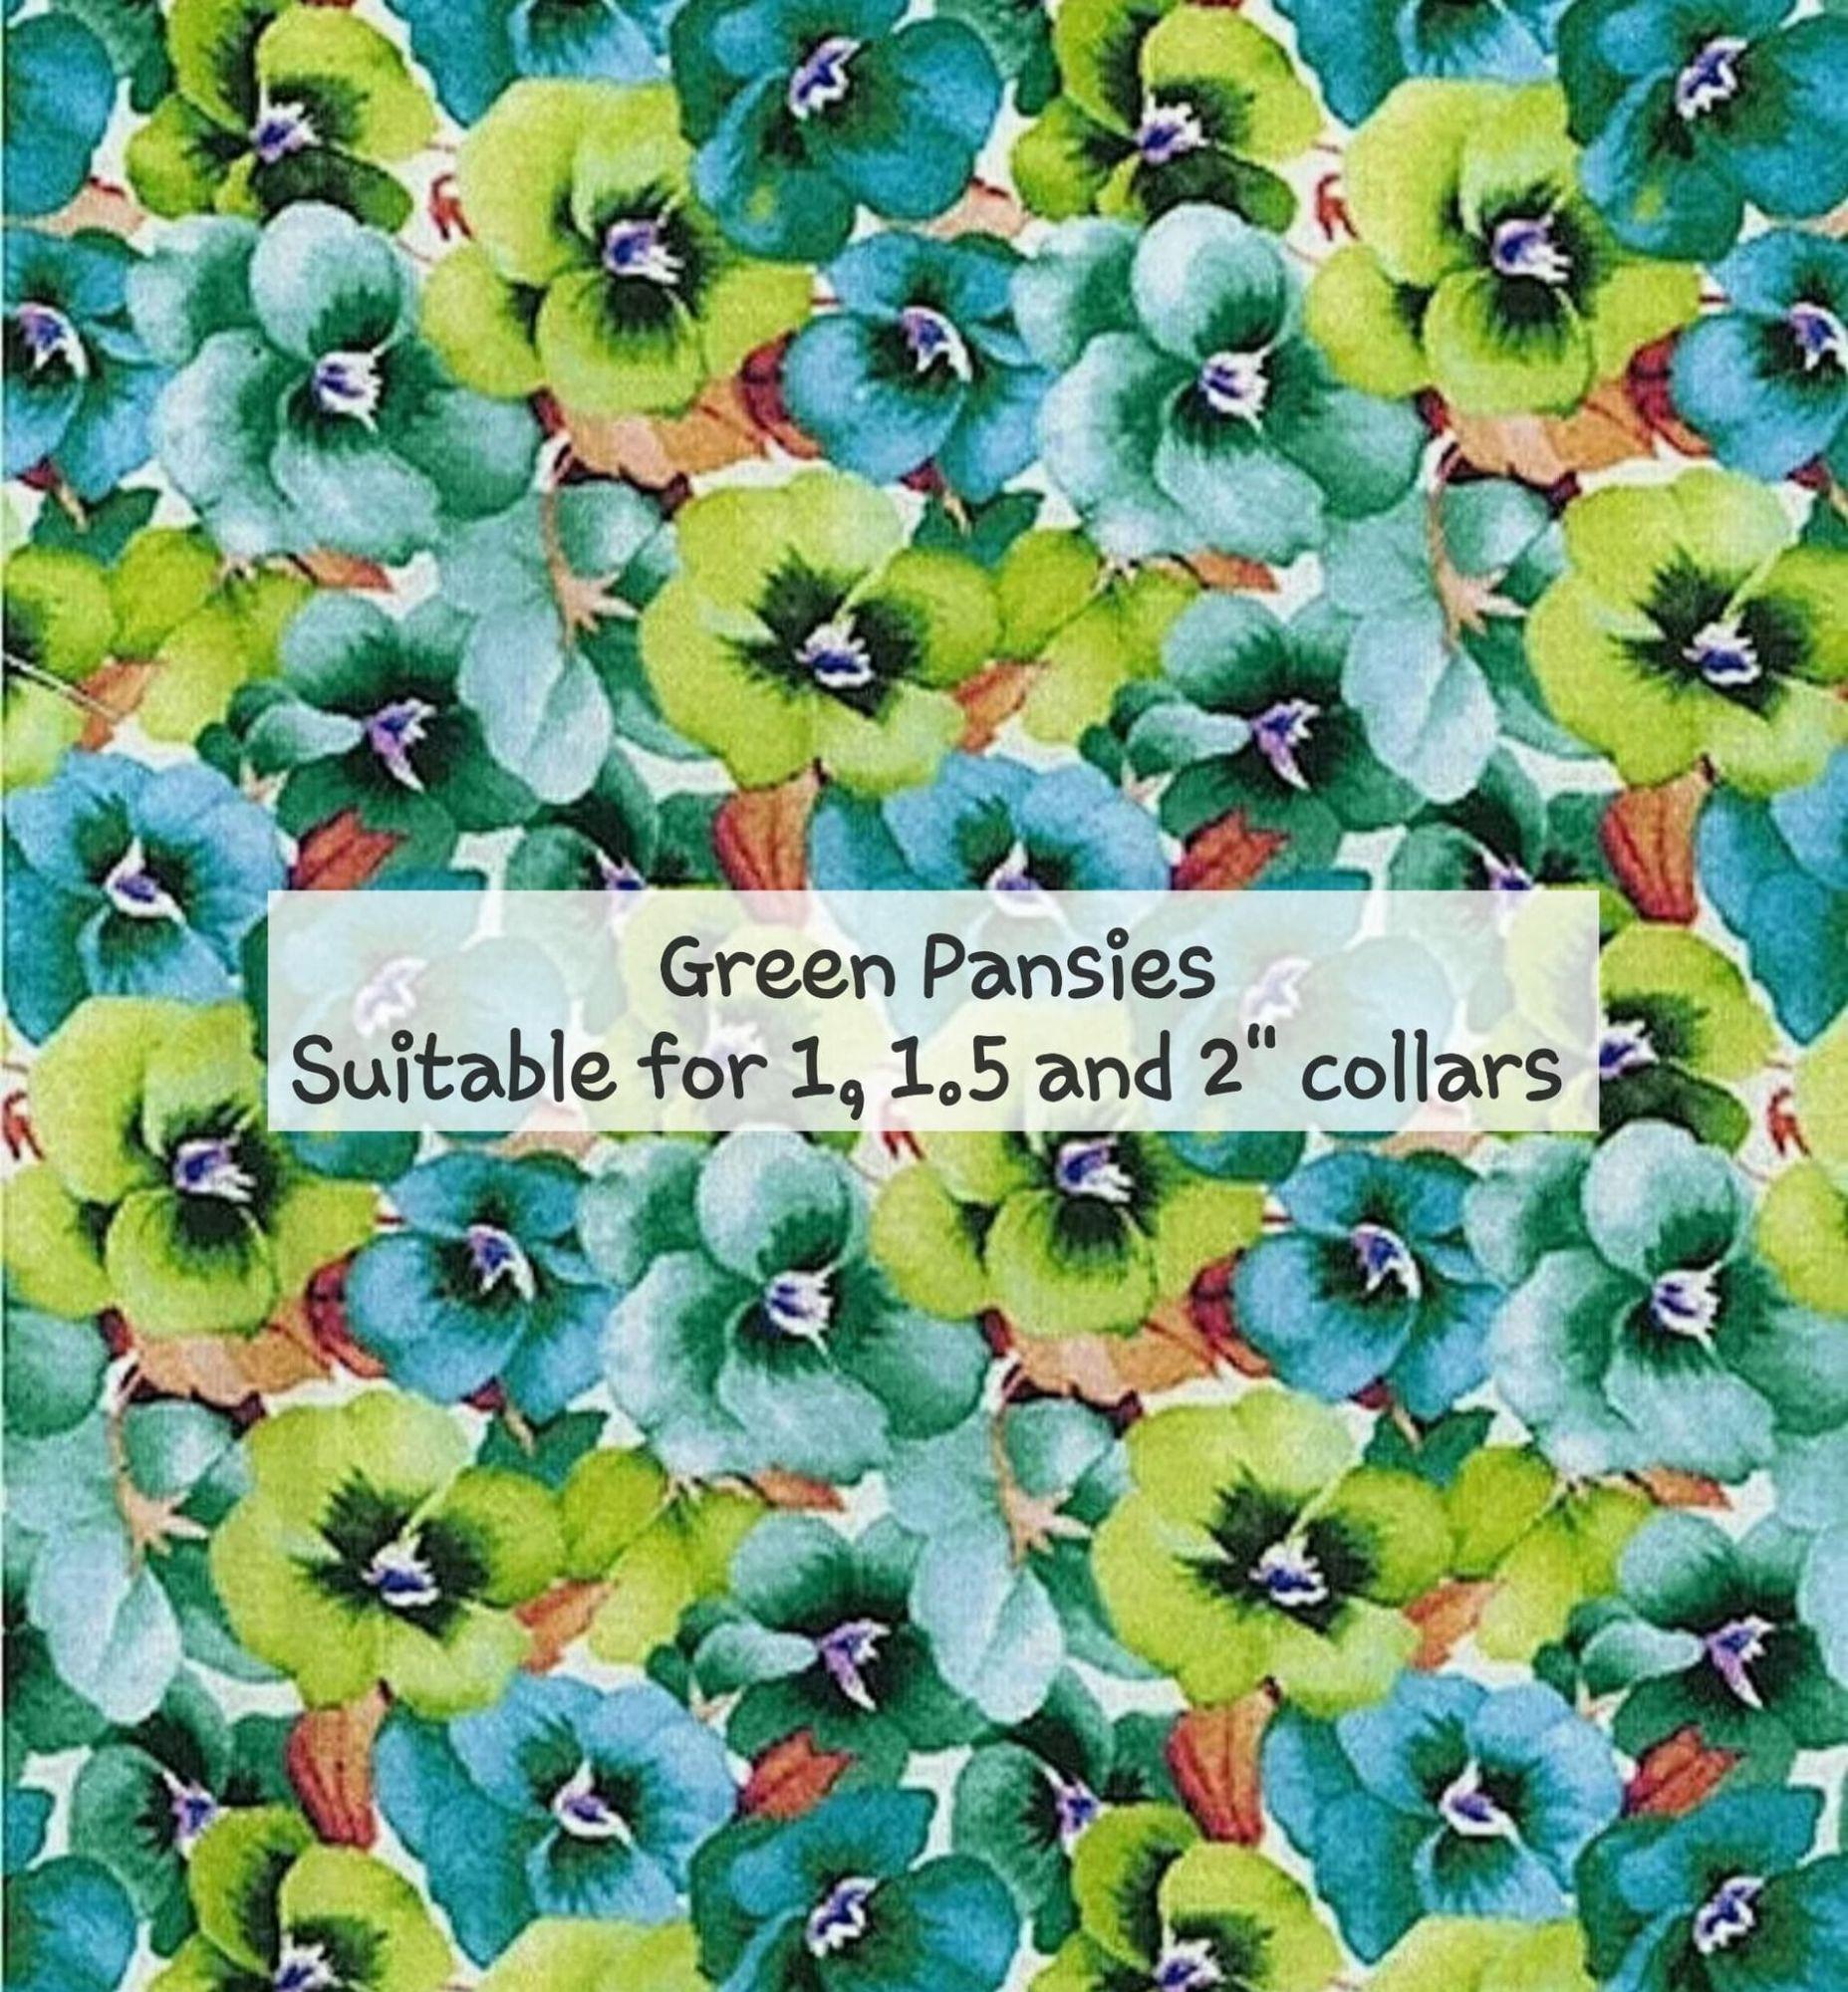 Green Pansies